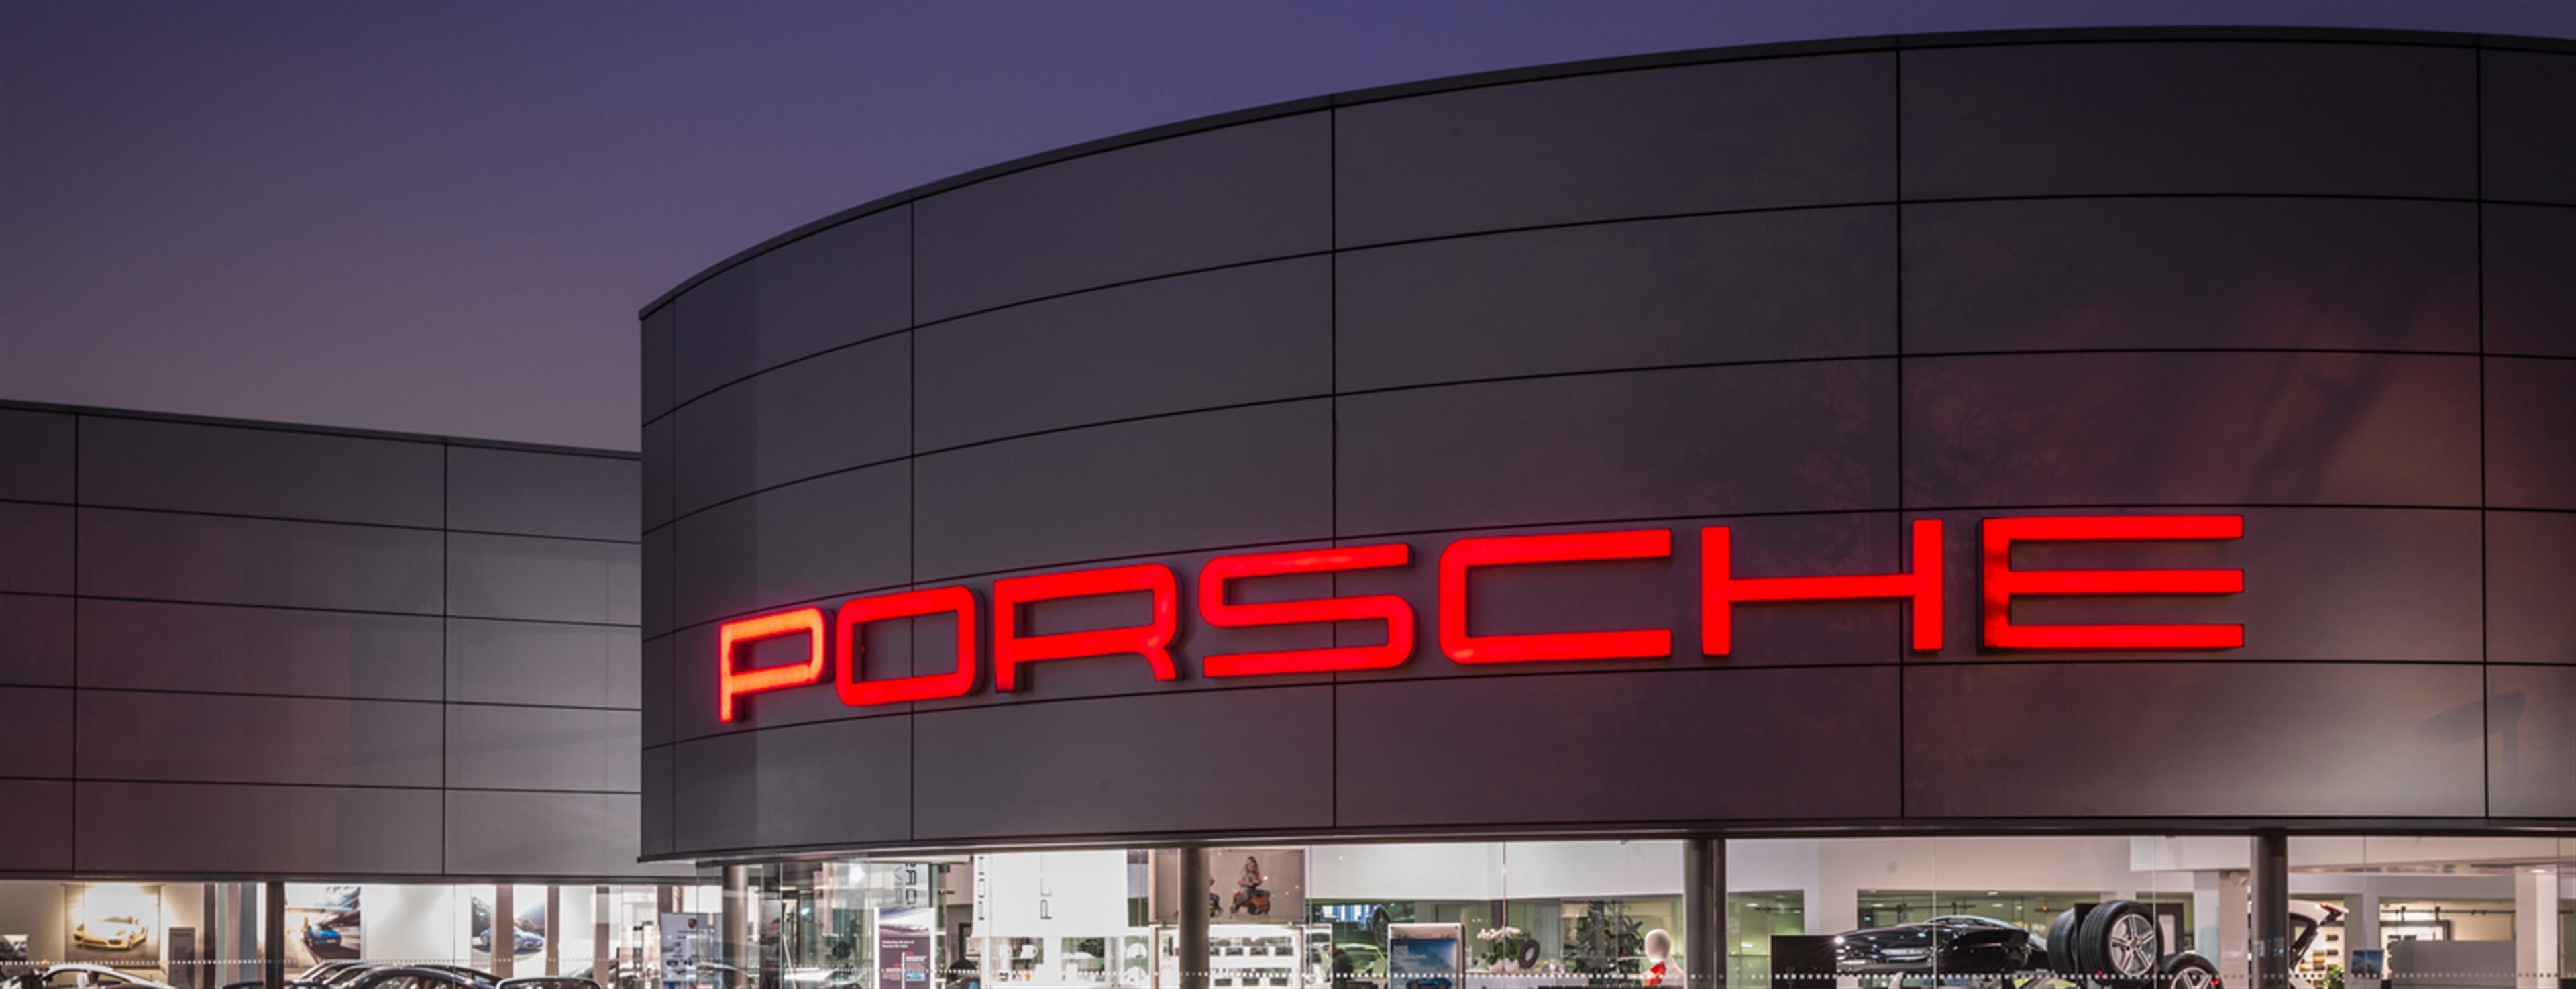 Porsche - Covid-19 bilgilendirmesi